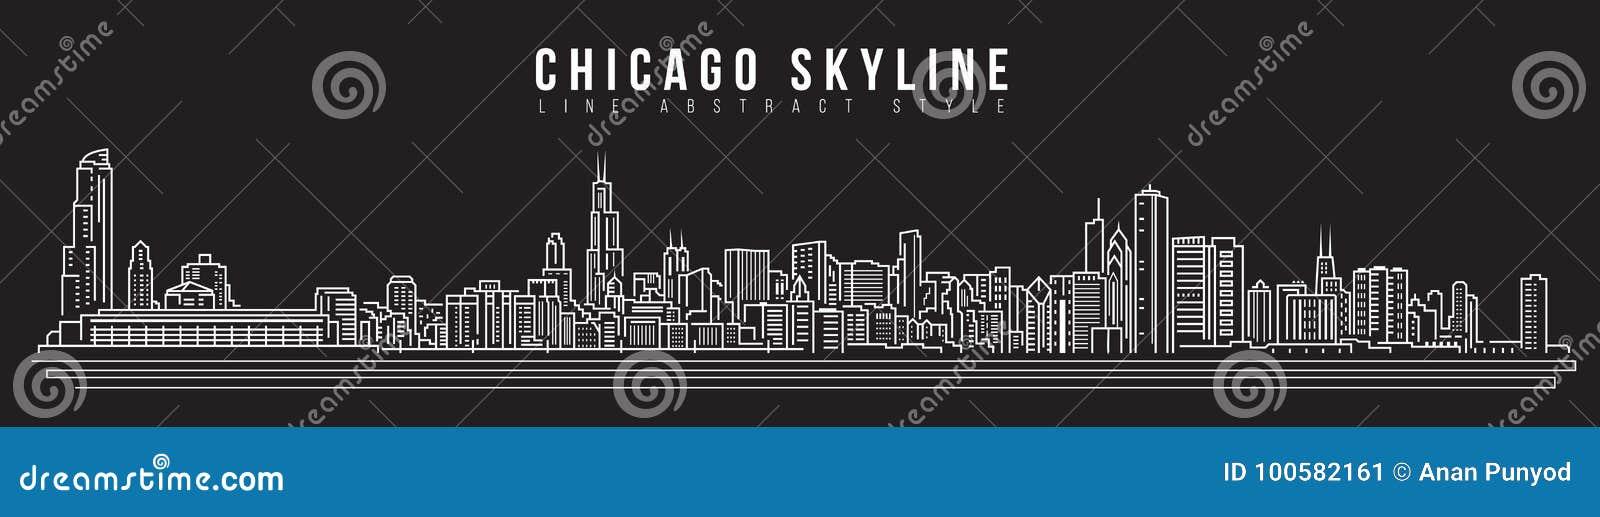 Alignement de paysage urbain conception d illustration de vecteur d art - horizon de Chicago